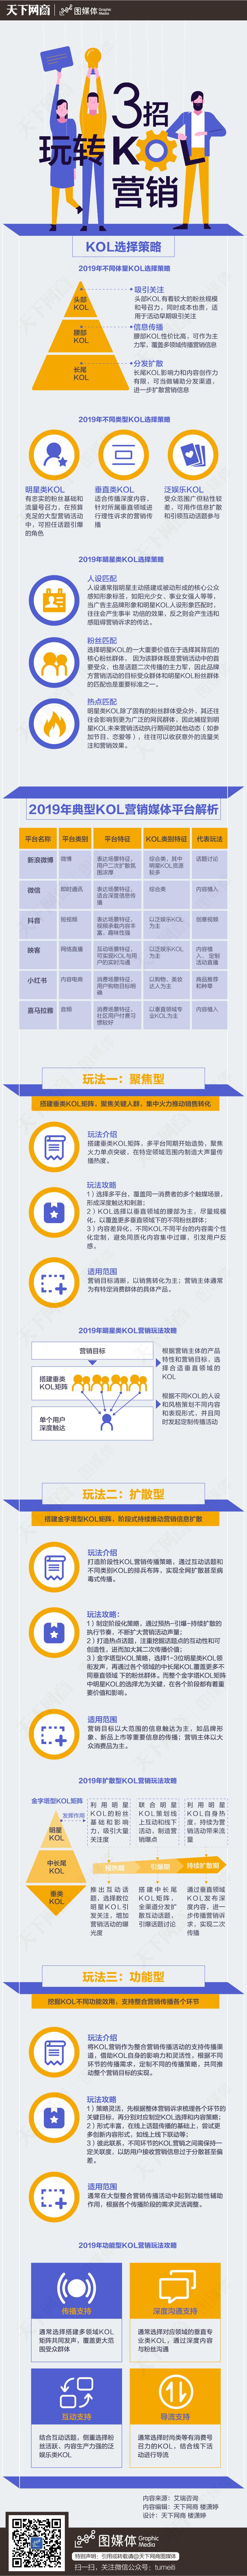 3招玩转kol营销-02